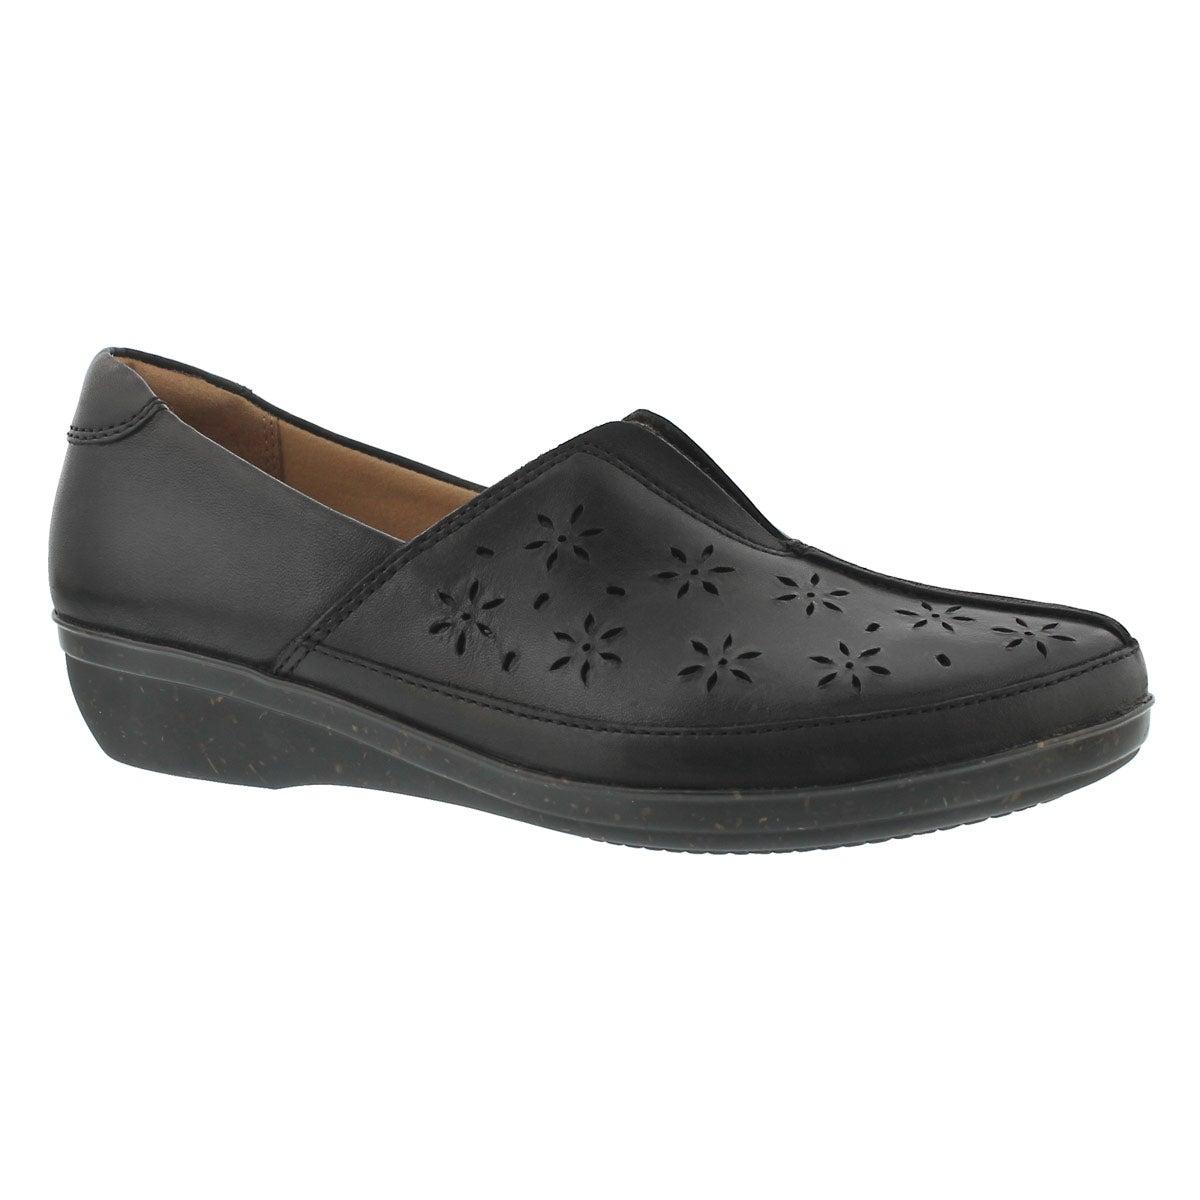 Women's EVERLAY DAIRYN black casual slipons - Wide